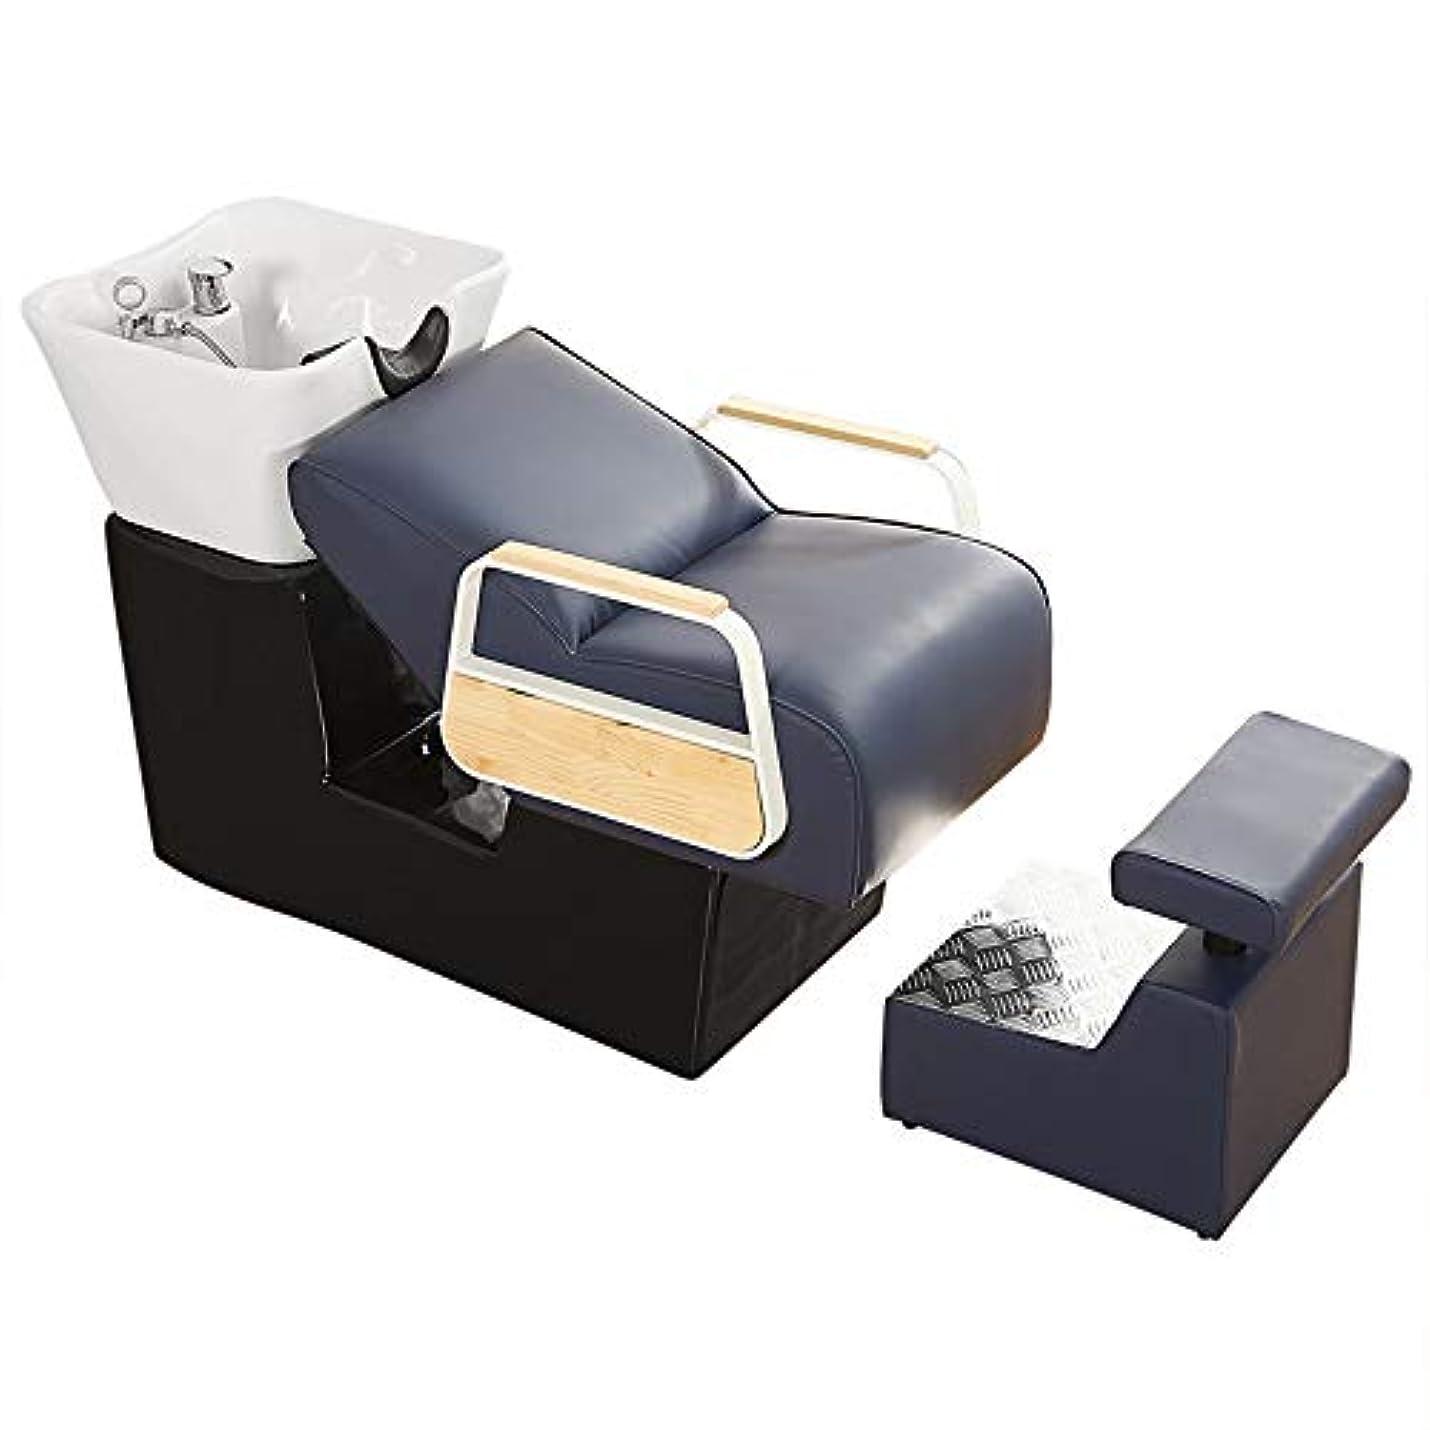 激怒整然とした適応するシャンプーの椅子、逆洗の単位の陶磁器の洗面器の洗面器のための洗面器のボウル理髪シンクの椅子